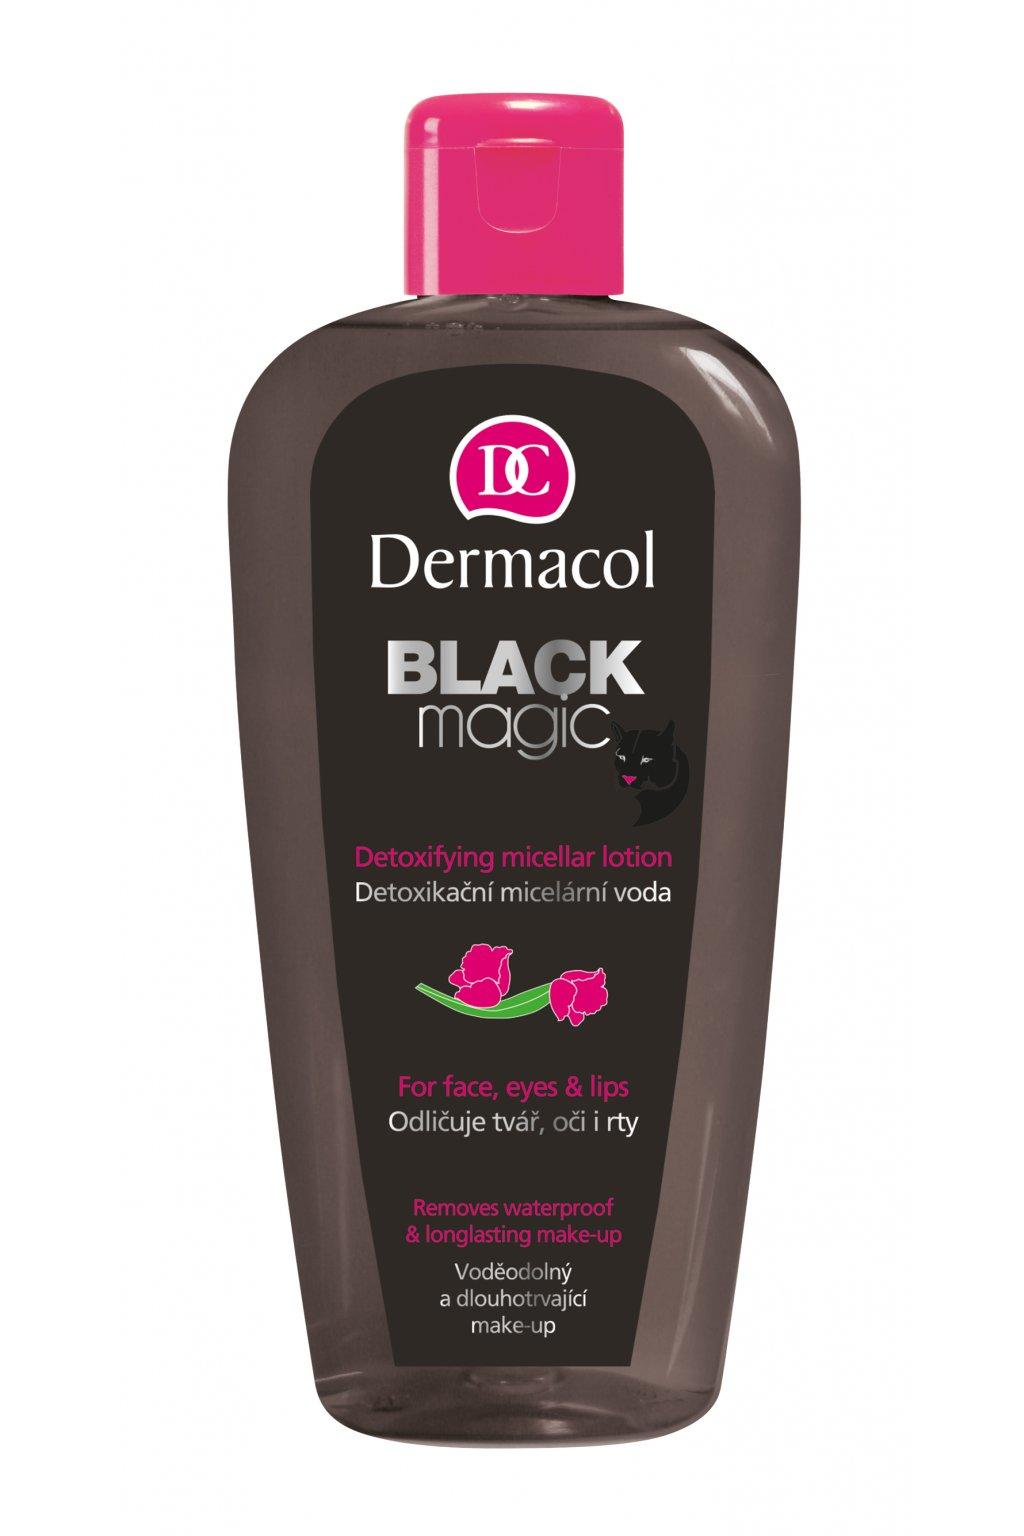 dermacol black magic detoxikacni micelarni voda